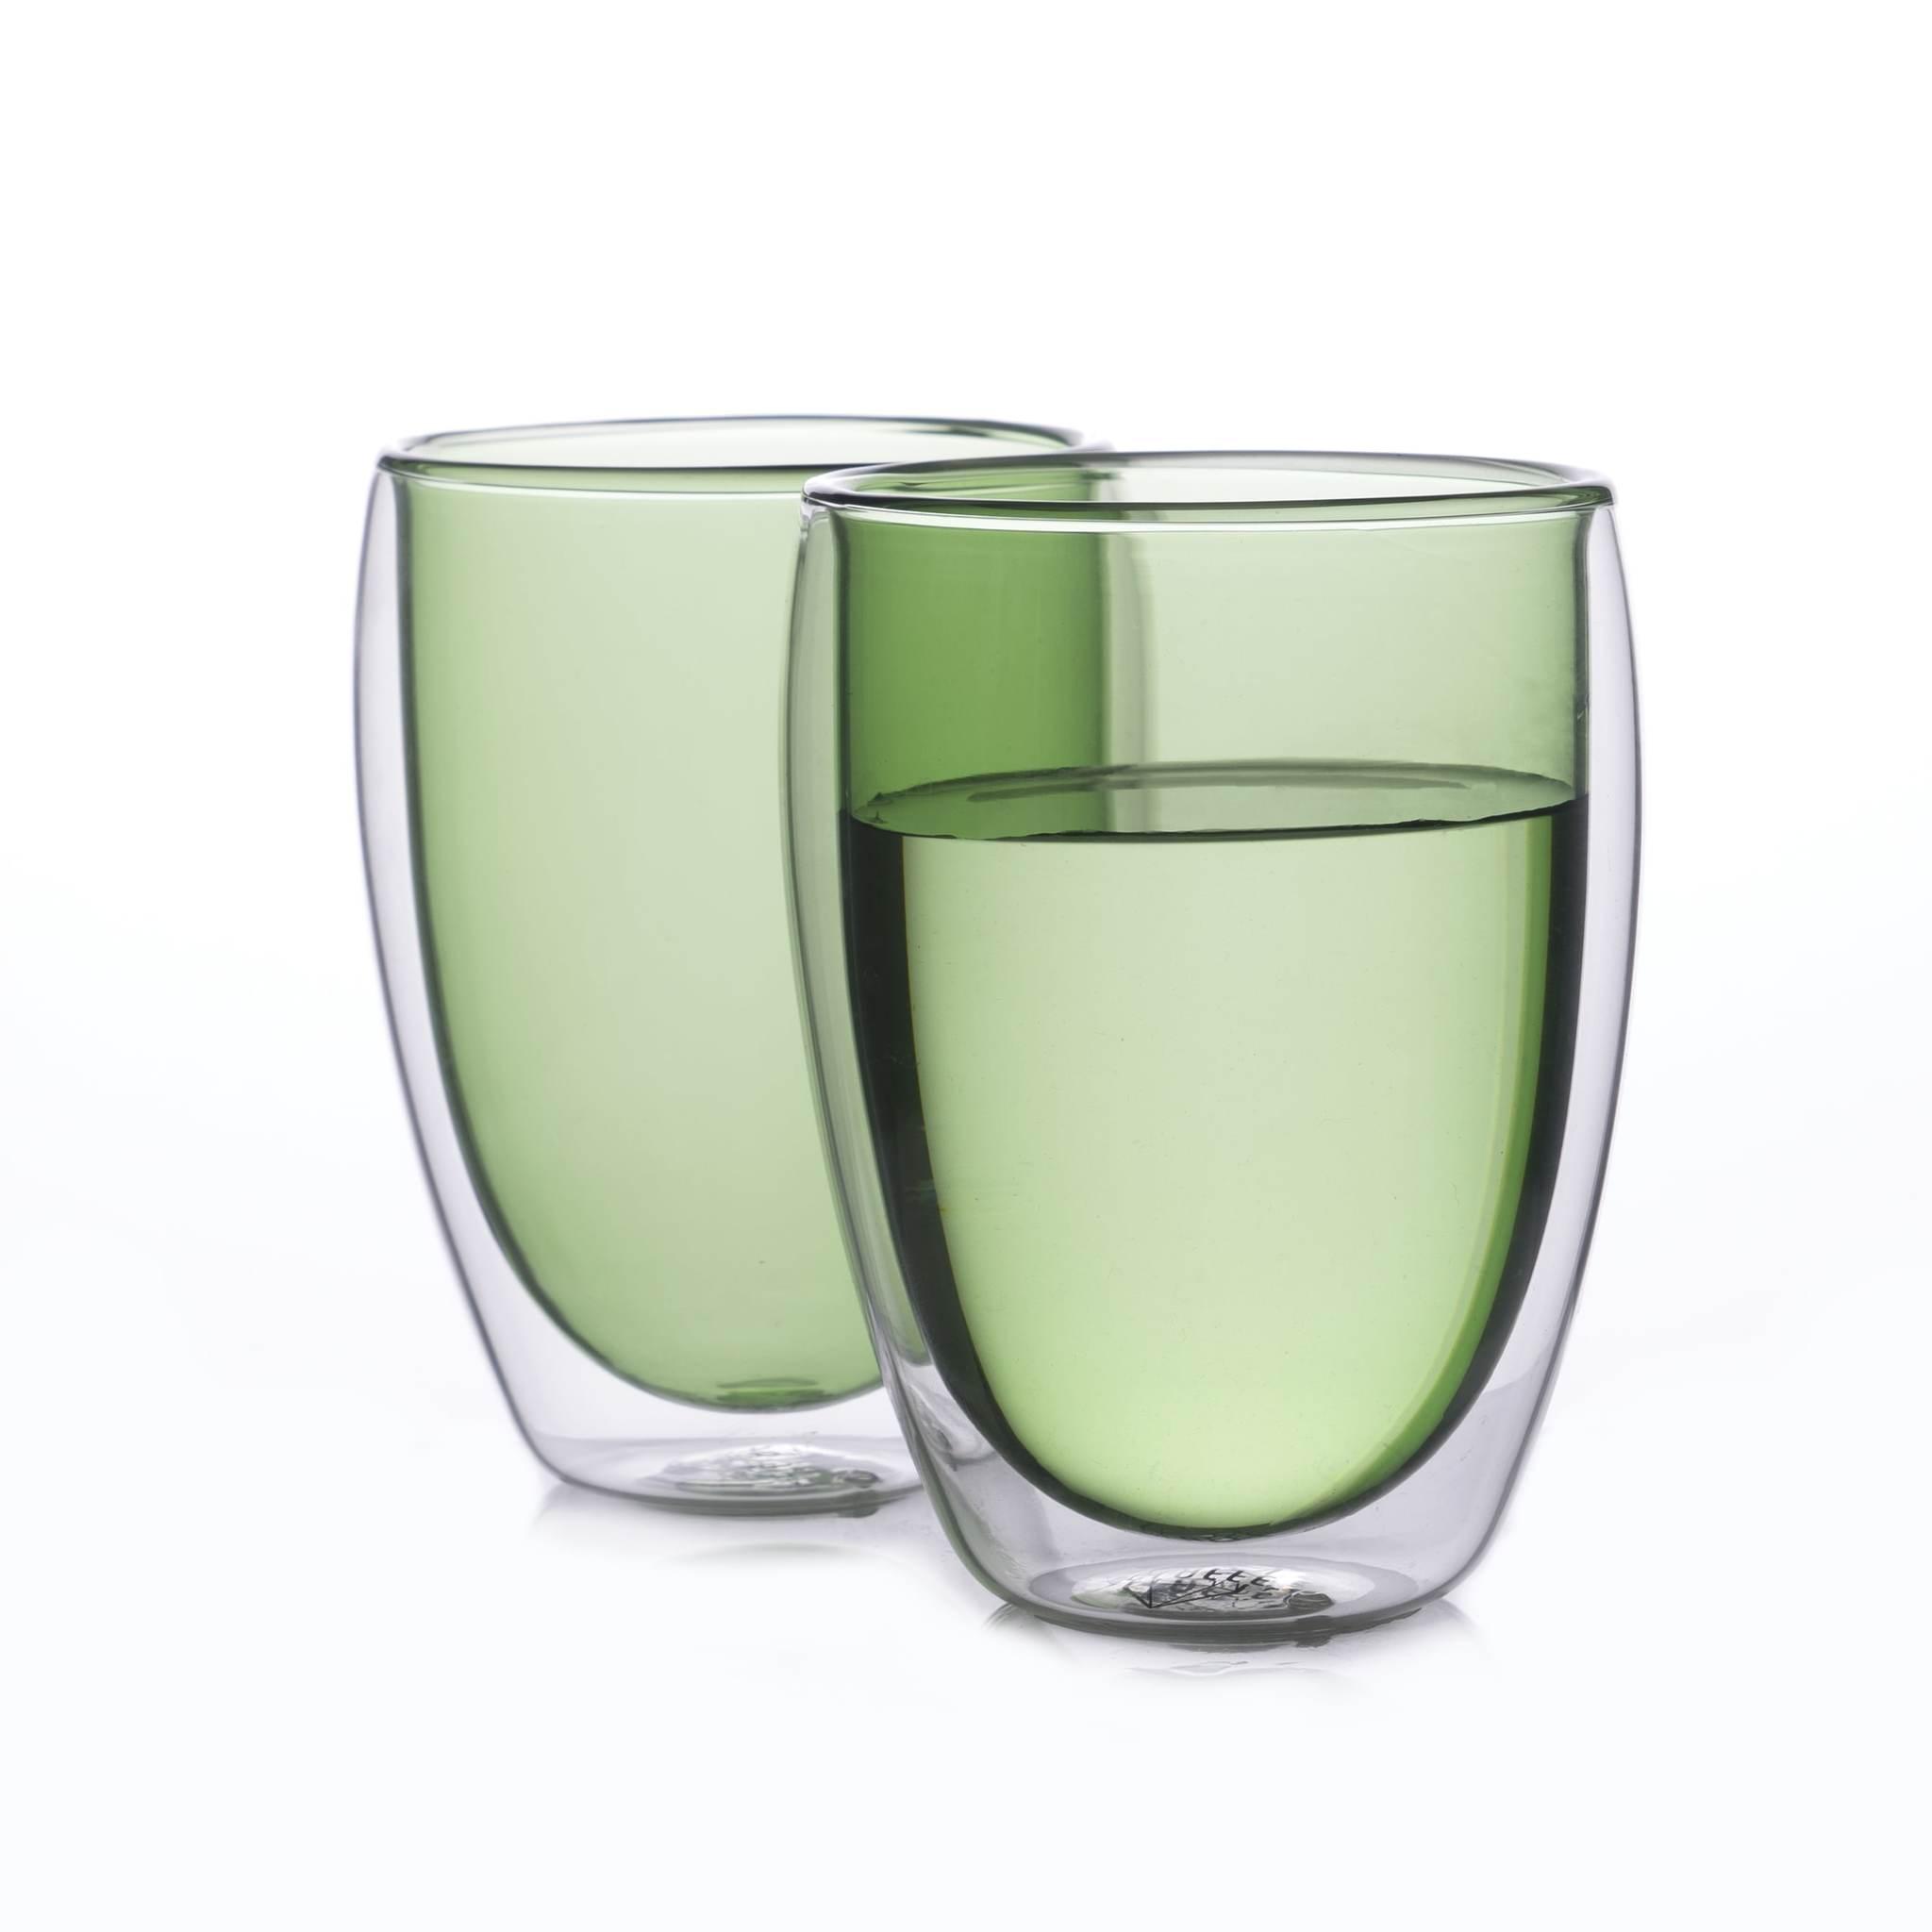 Цветные стаканы и кружки Набор стаканов из двойного стекла зеленого цвета 350 мл, 2 шт. зеленый2-min.jpg